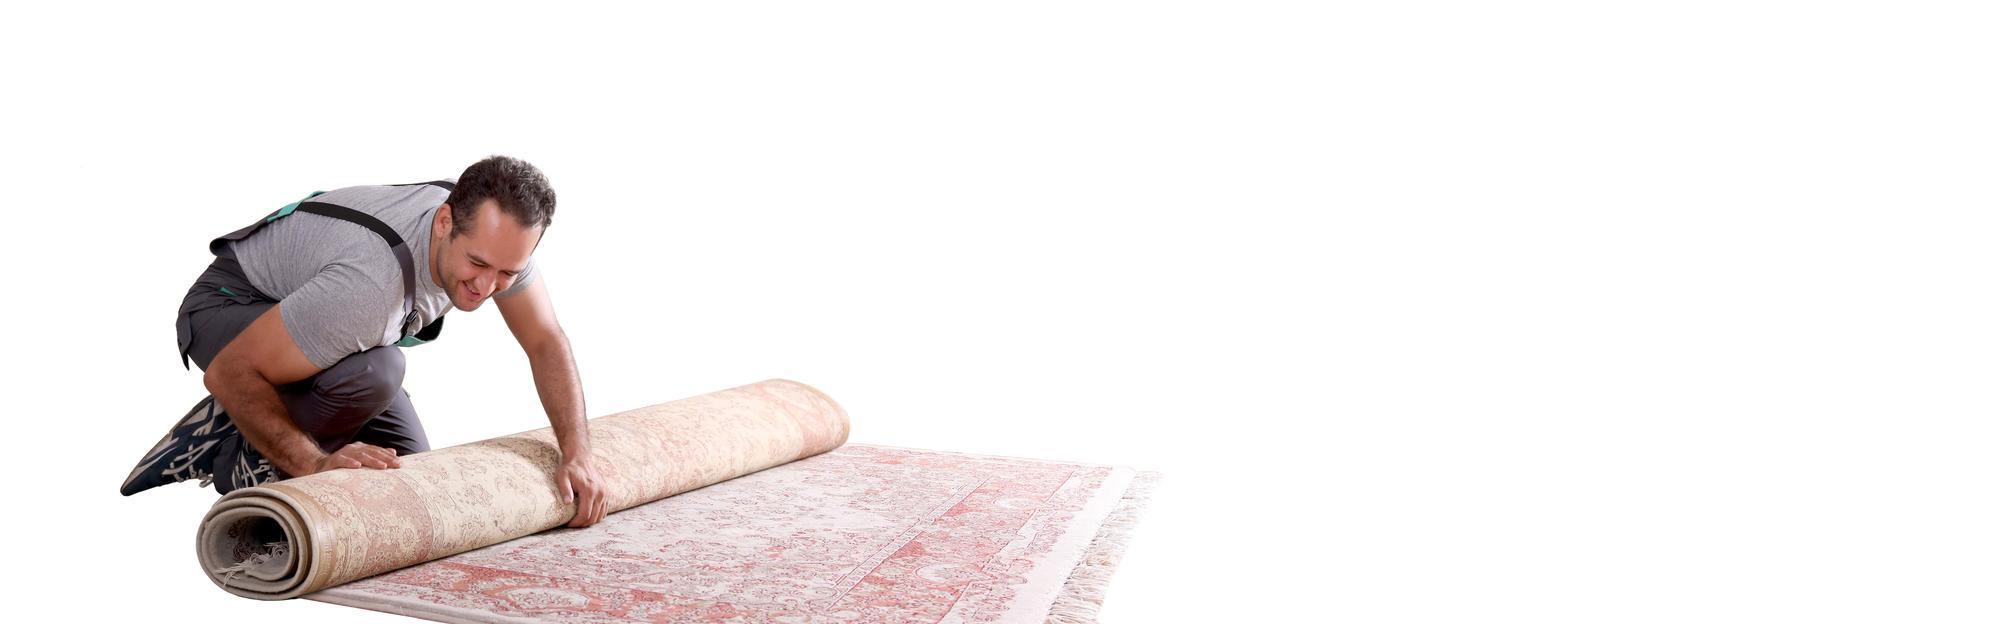 قالیشویی ،  ارائه خدمات آنلاین قالی شویی با آچاره در سنندج